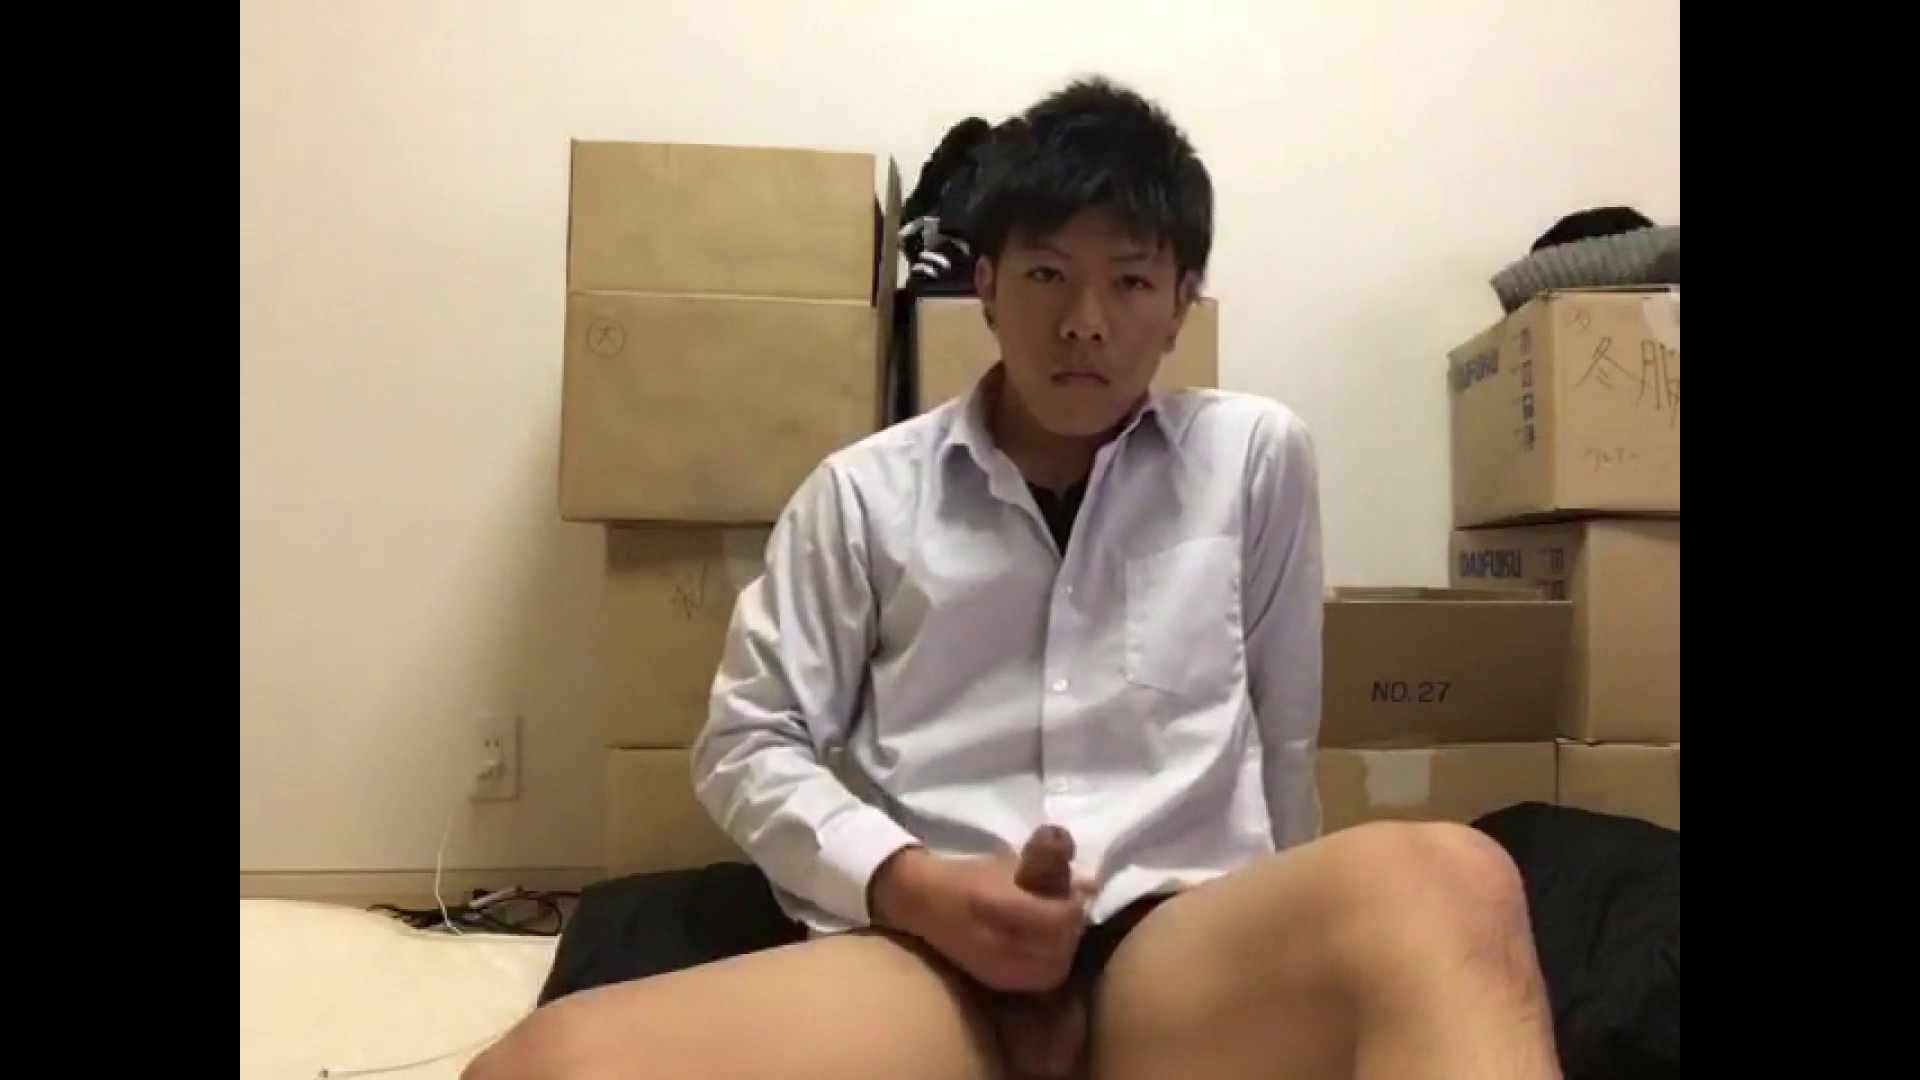 個人撮影 自慰の極意 Vol.1 個人撮影 ゲイエロ動画 101枚 26